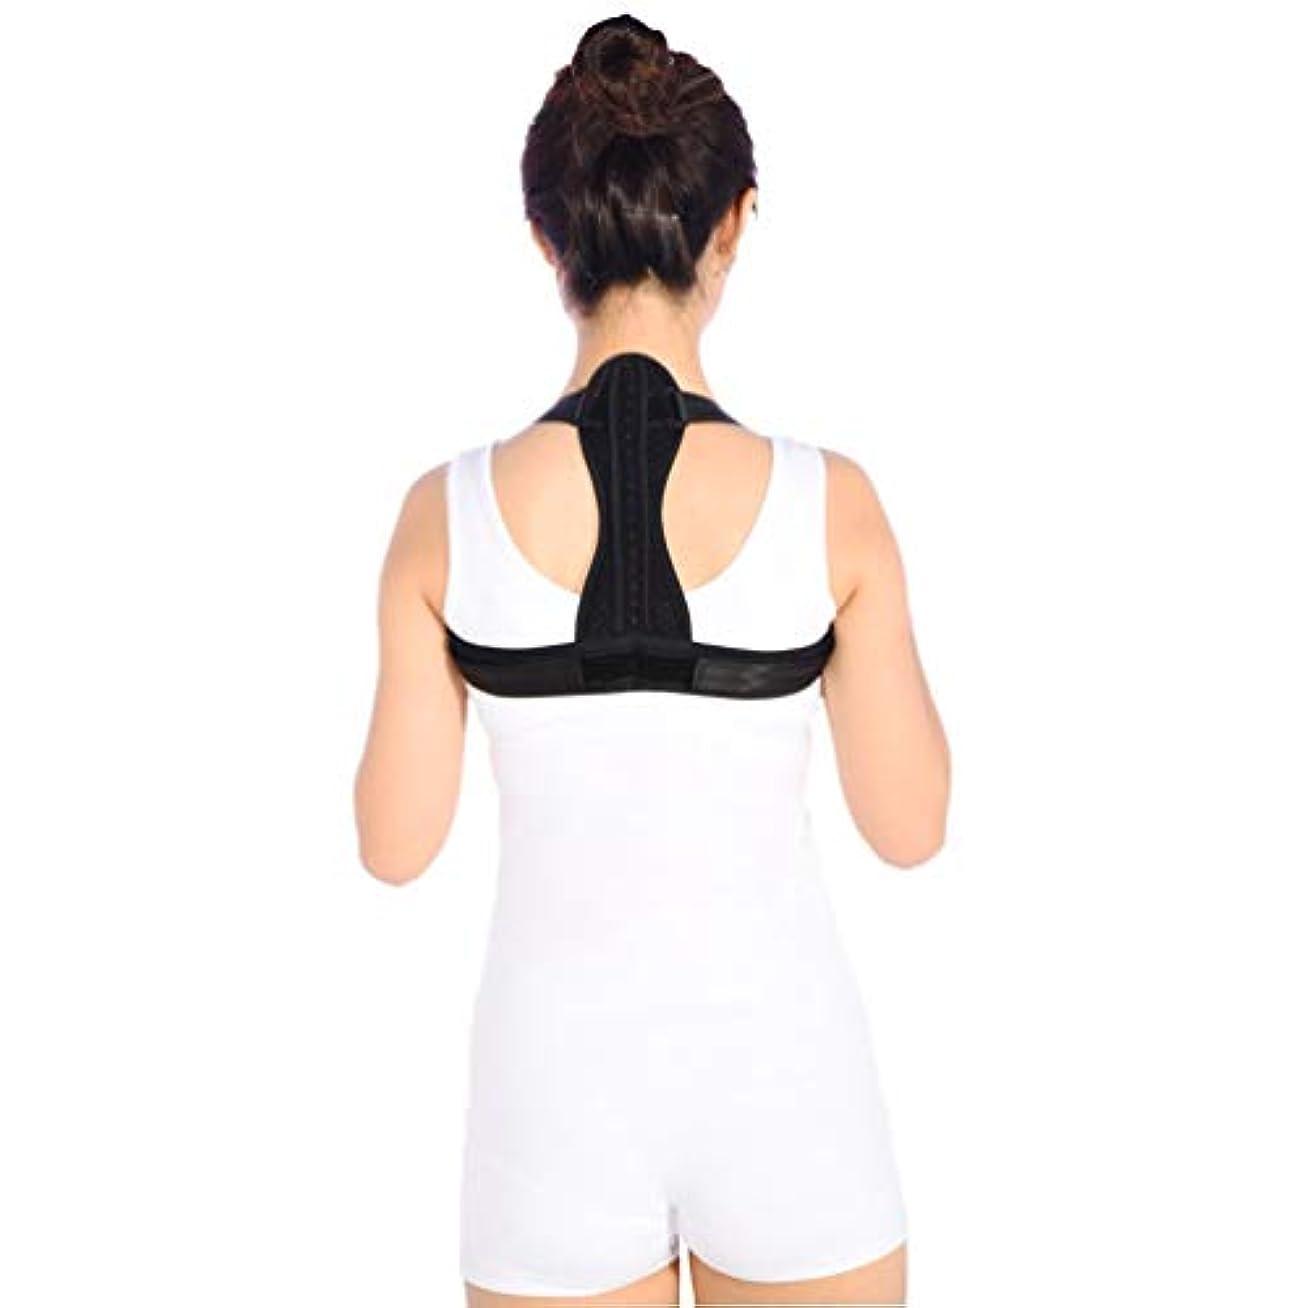 フェリーうるさいゴール通気性の脊柱側弯症ザトウクジラ補正ベルト調節可能な快適さ目に見えないベルト男性女性大人学生子供 - 黒